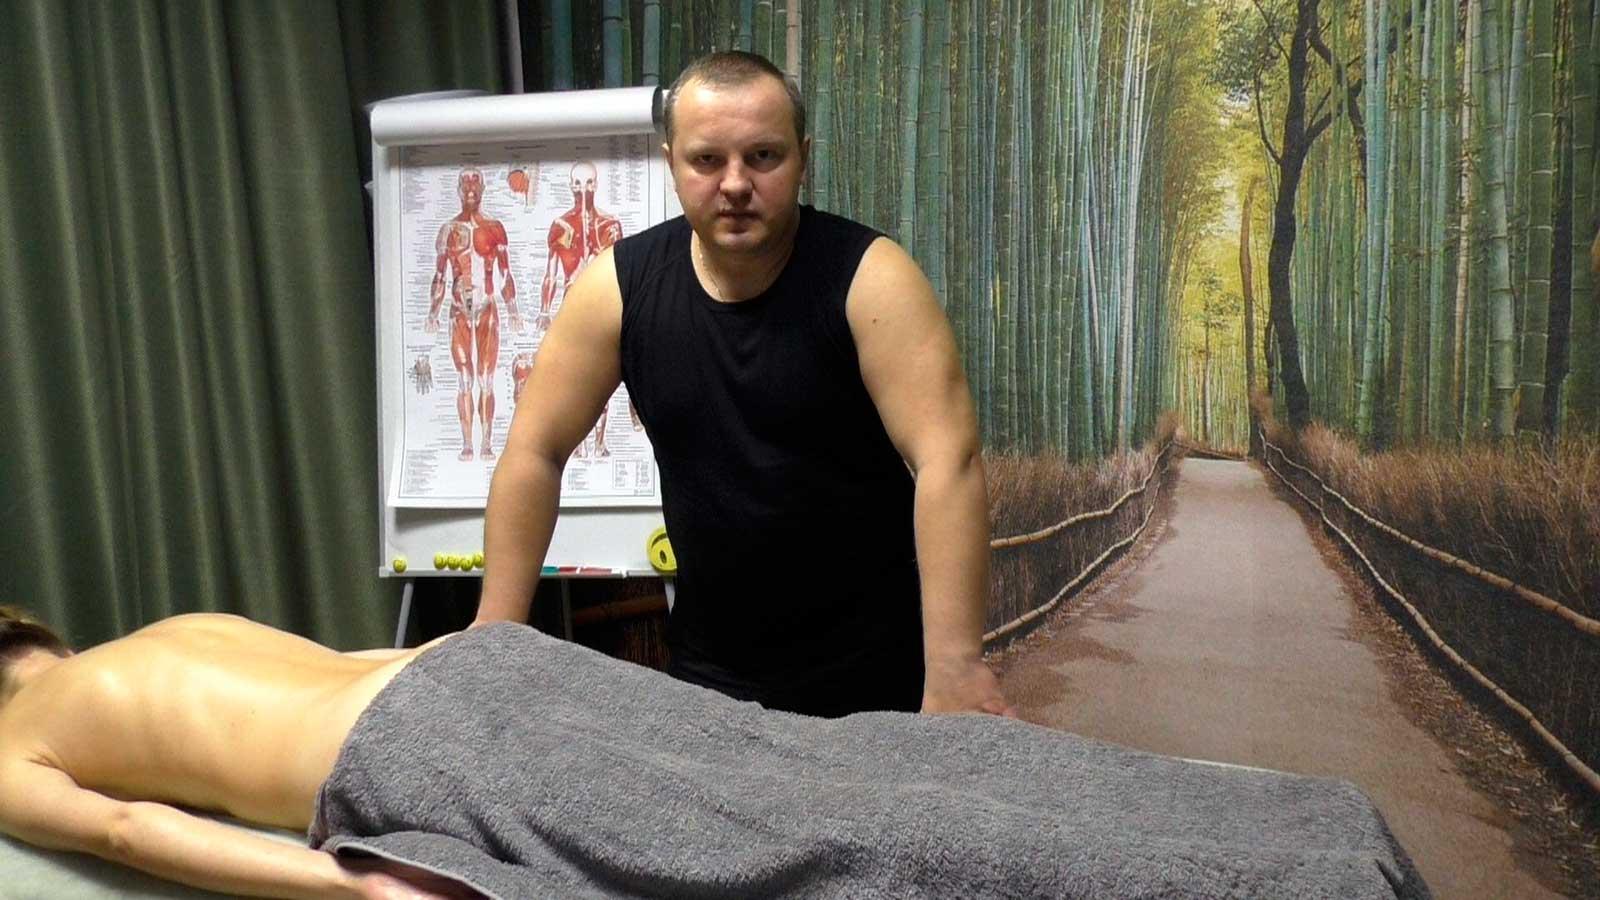 Видео эротического массажа мужчин